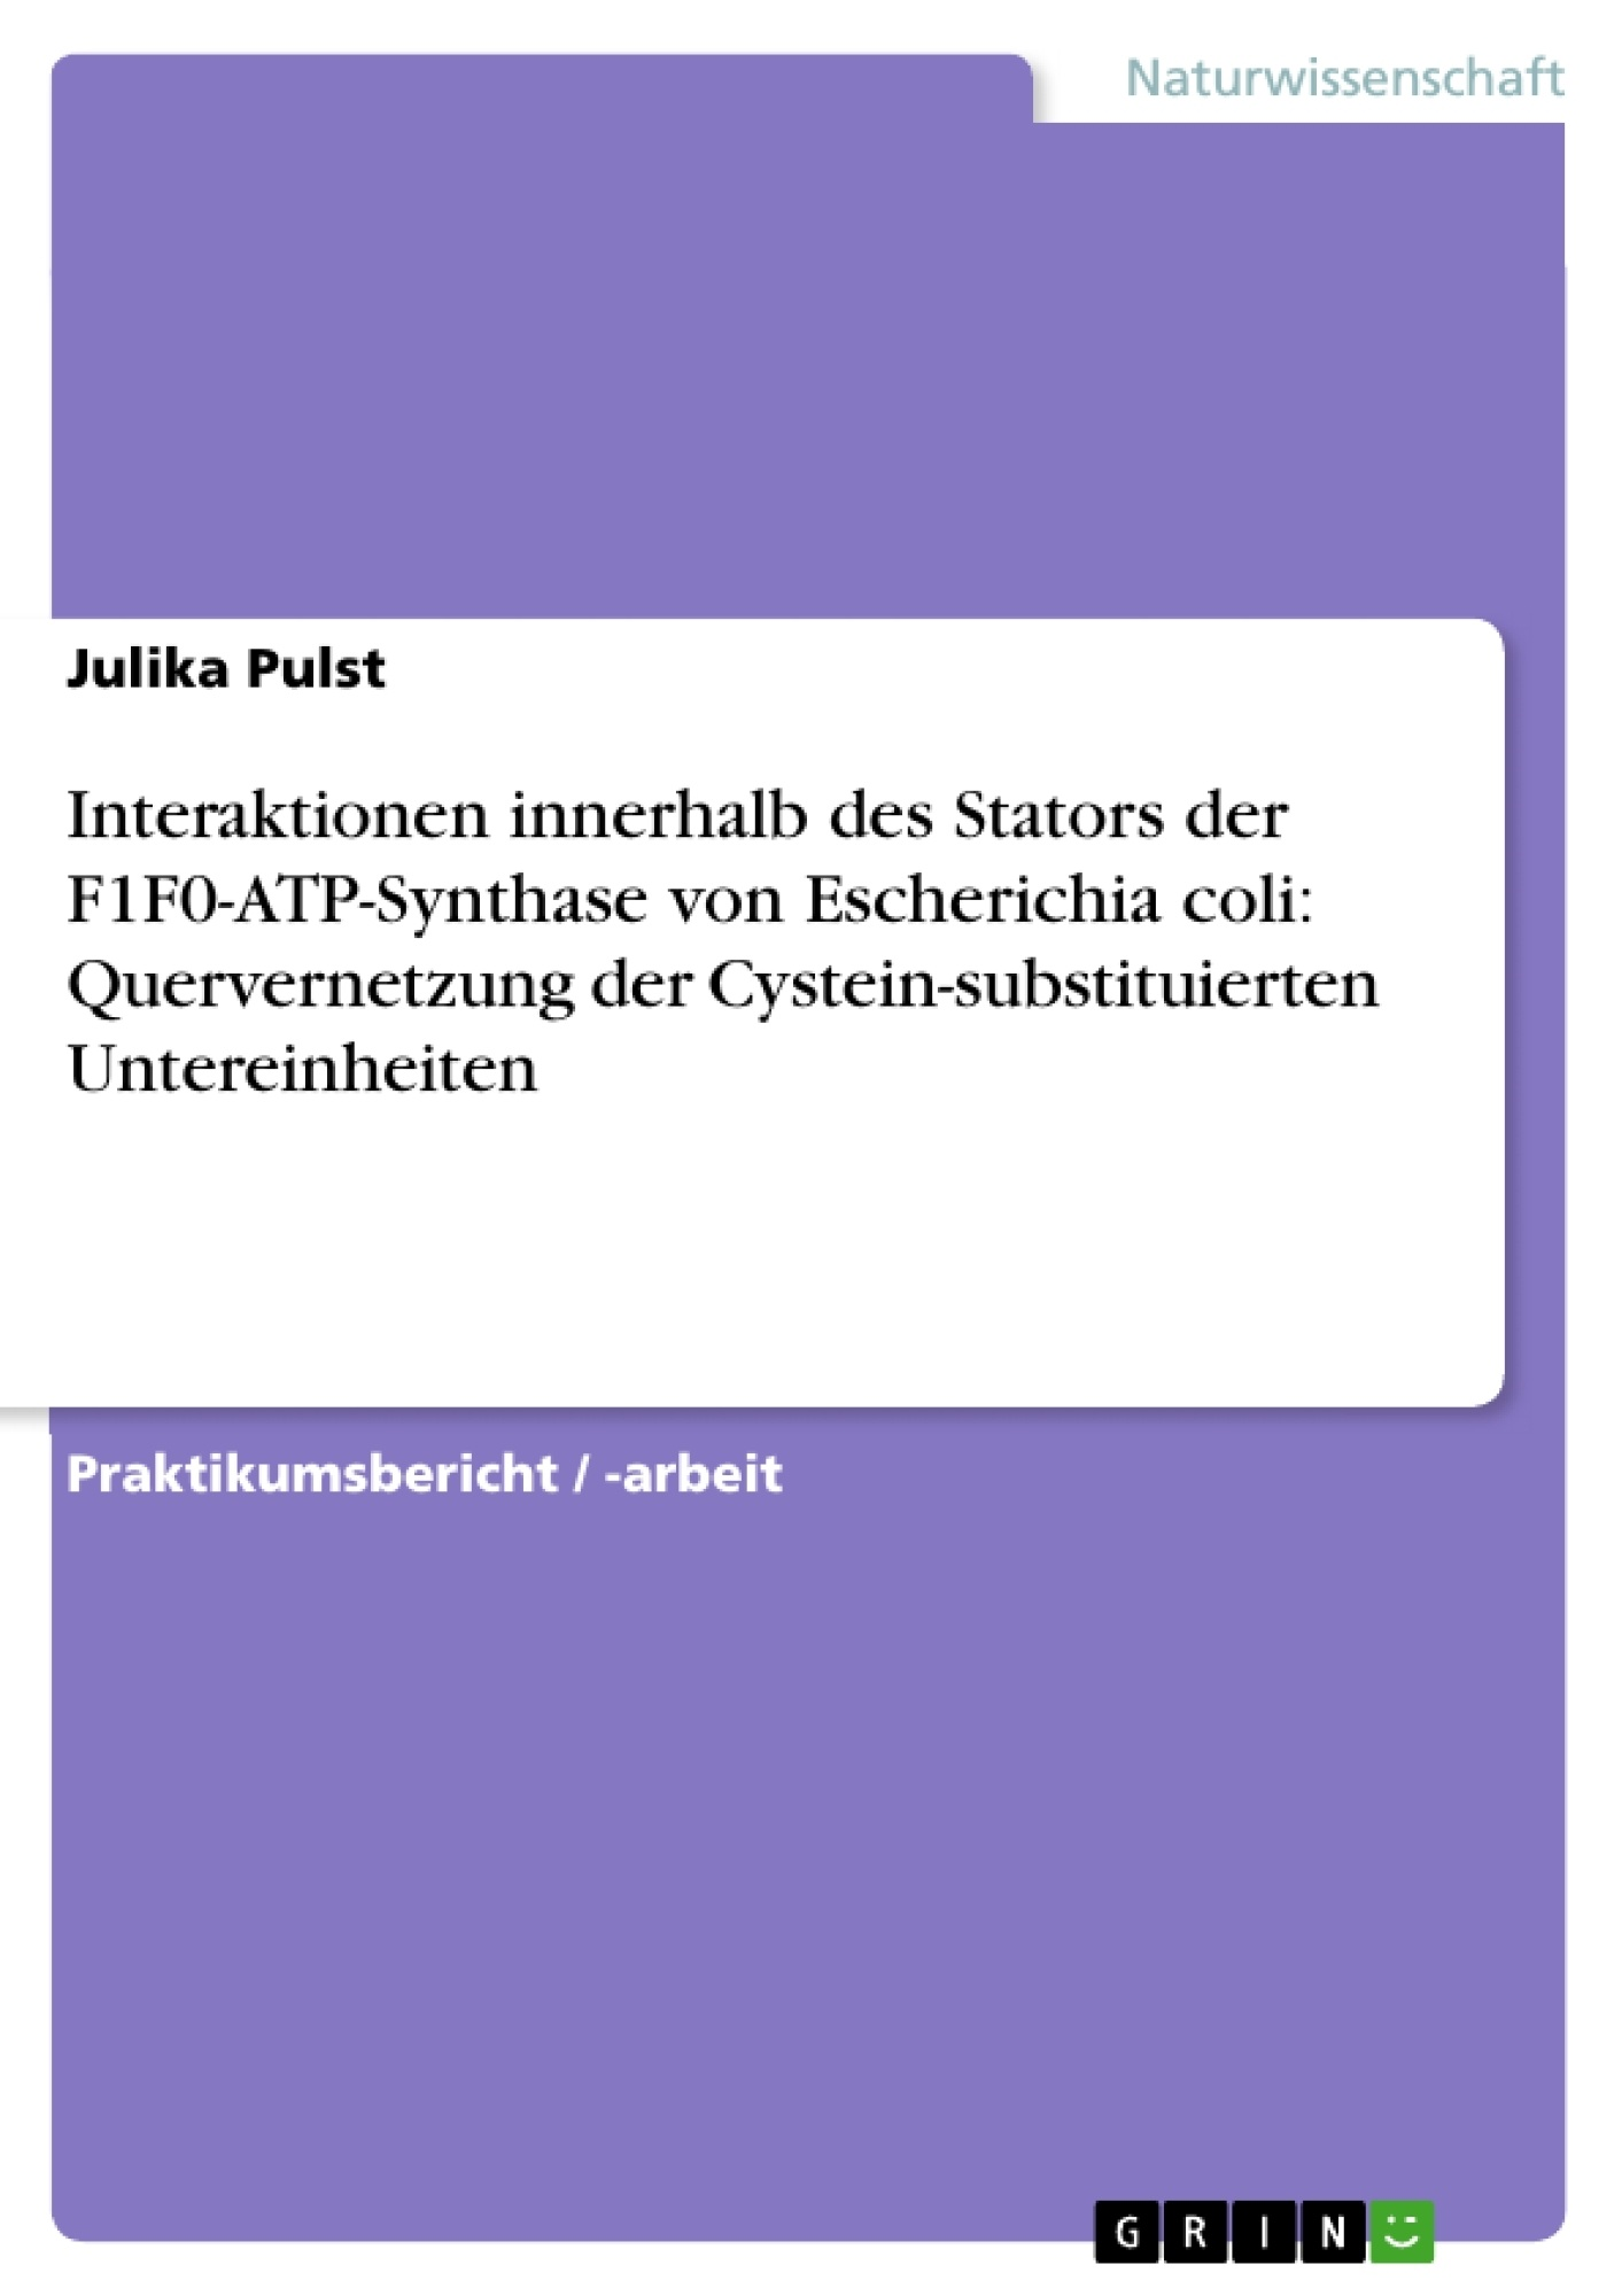 Titel: Interaktionen innerhalb des Stators der F1F0-ATP-Synthase von Escherichia coli: Quervernetzung der Cystein-substituierten Untereinheiten